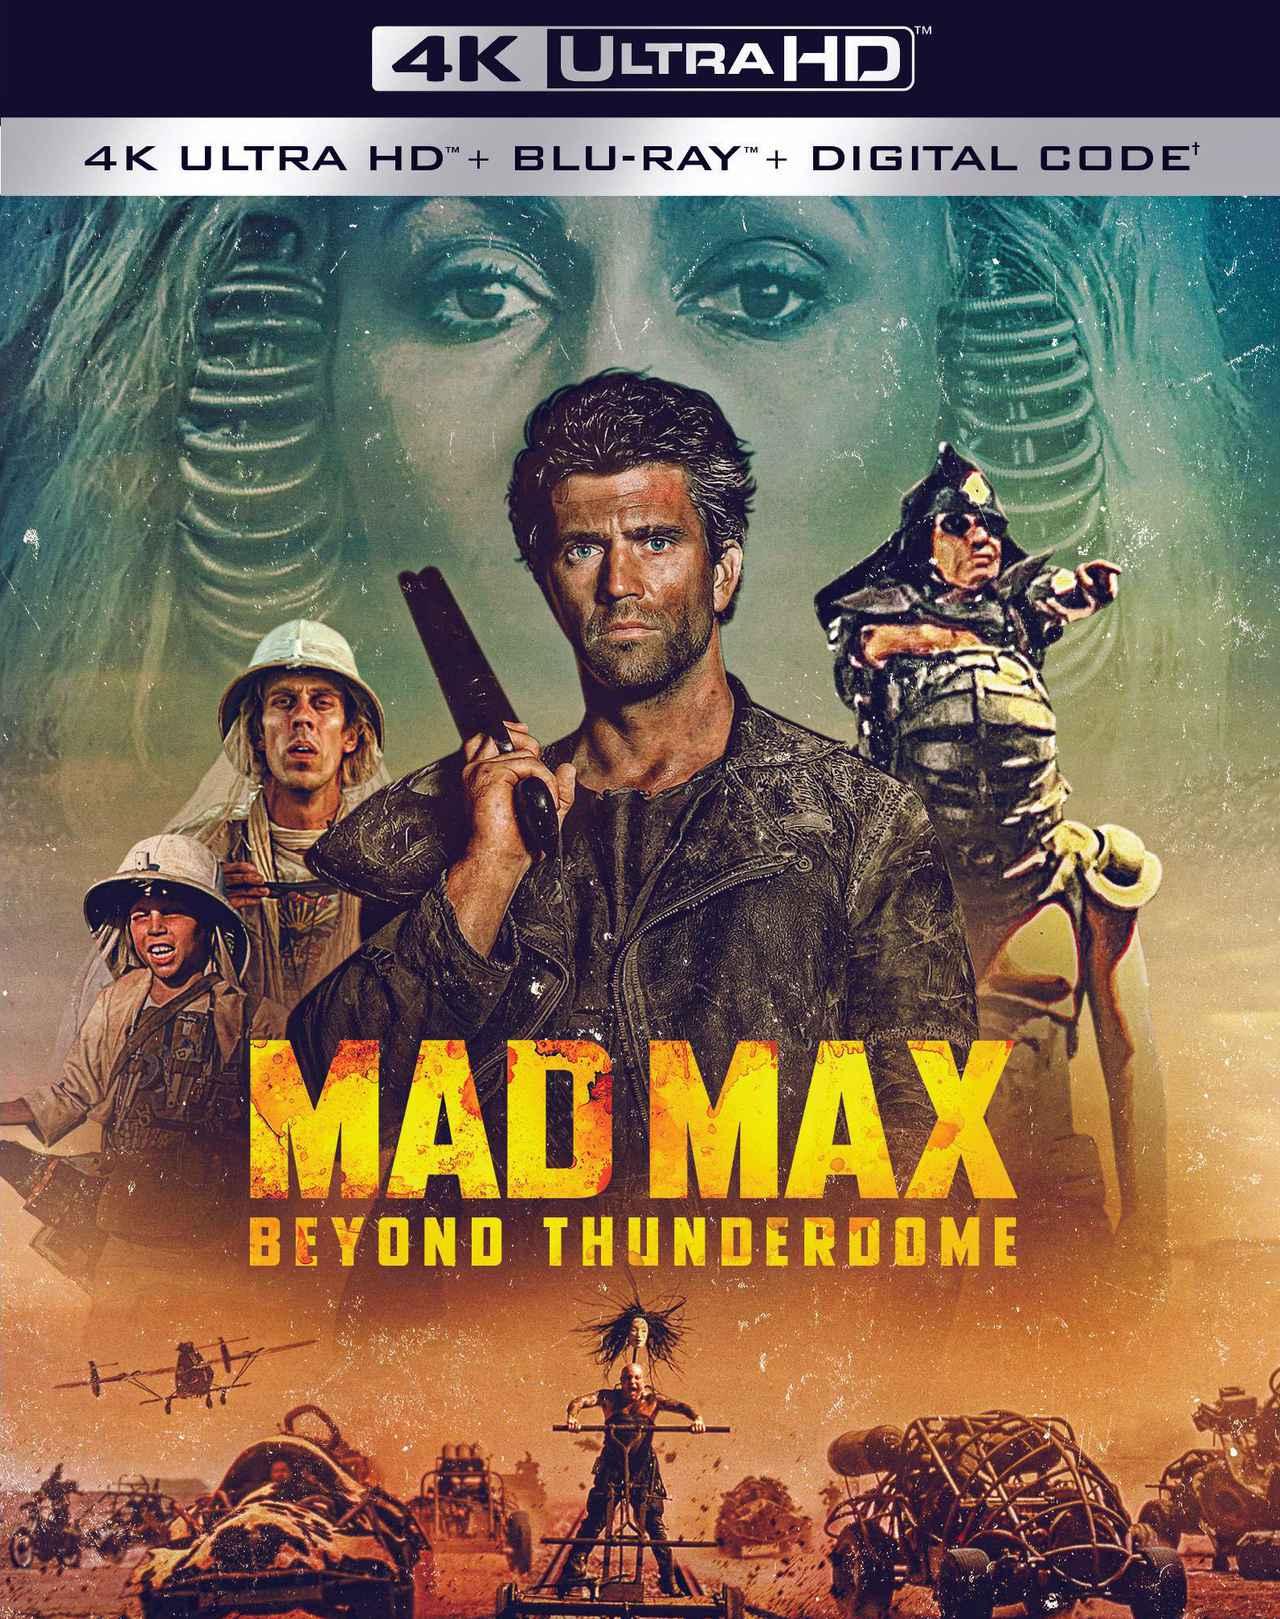 画像4: 【 UPDATE】4Kマッドマックス『マッドマックス2』『マッドマックス/サンダードーム』【海外盤Blu-ray発売情報】